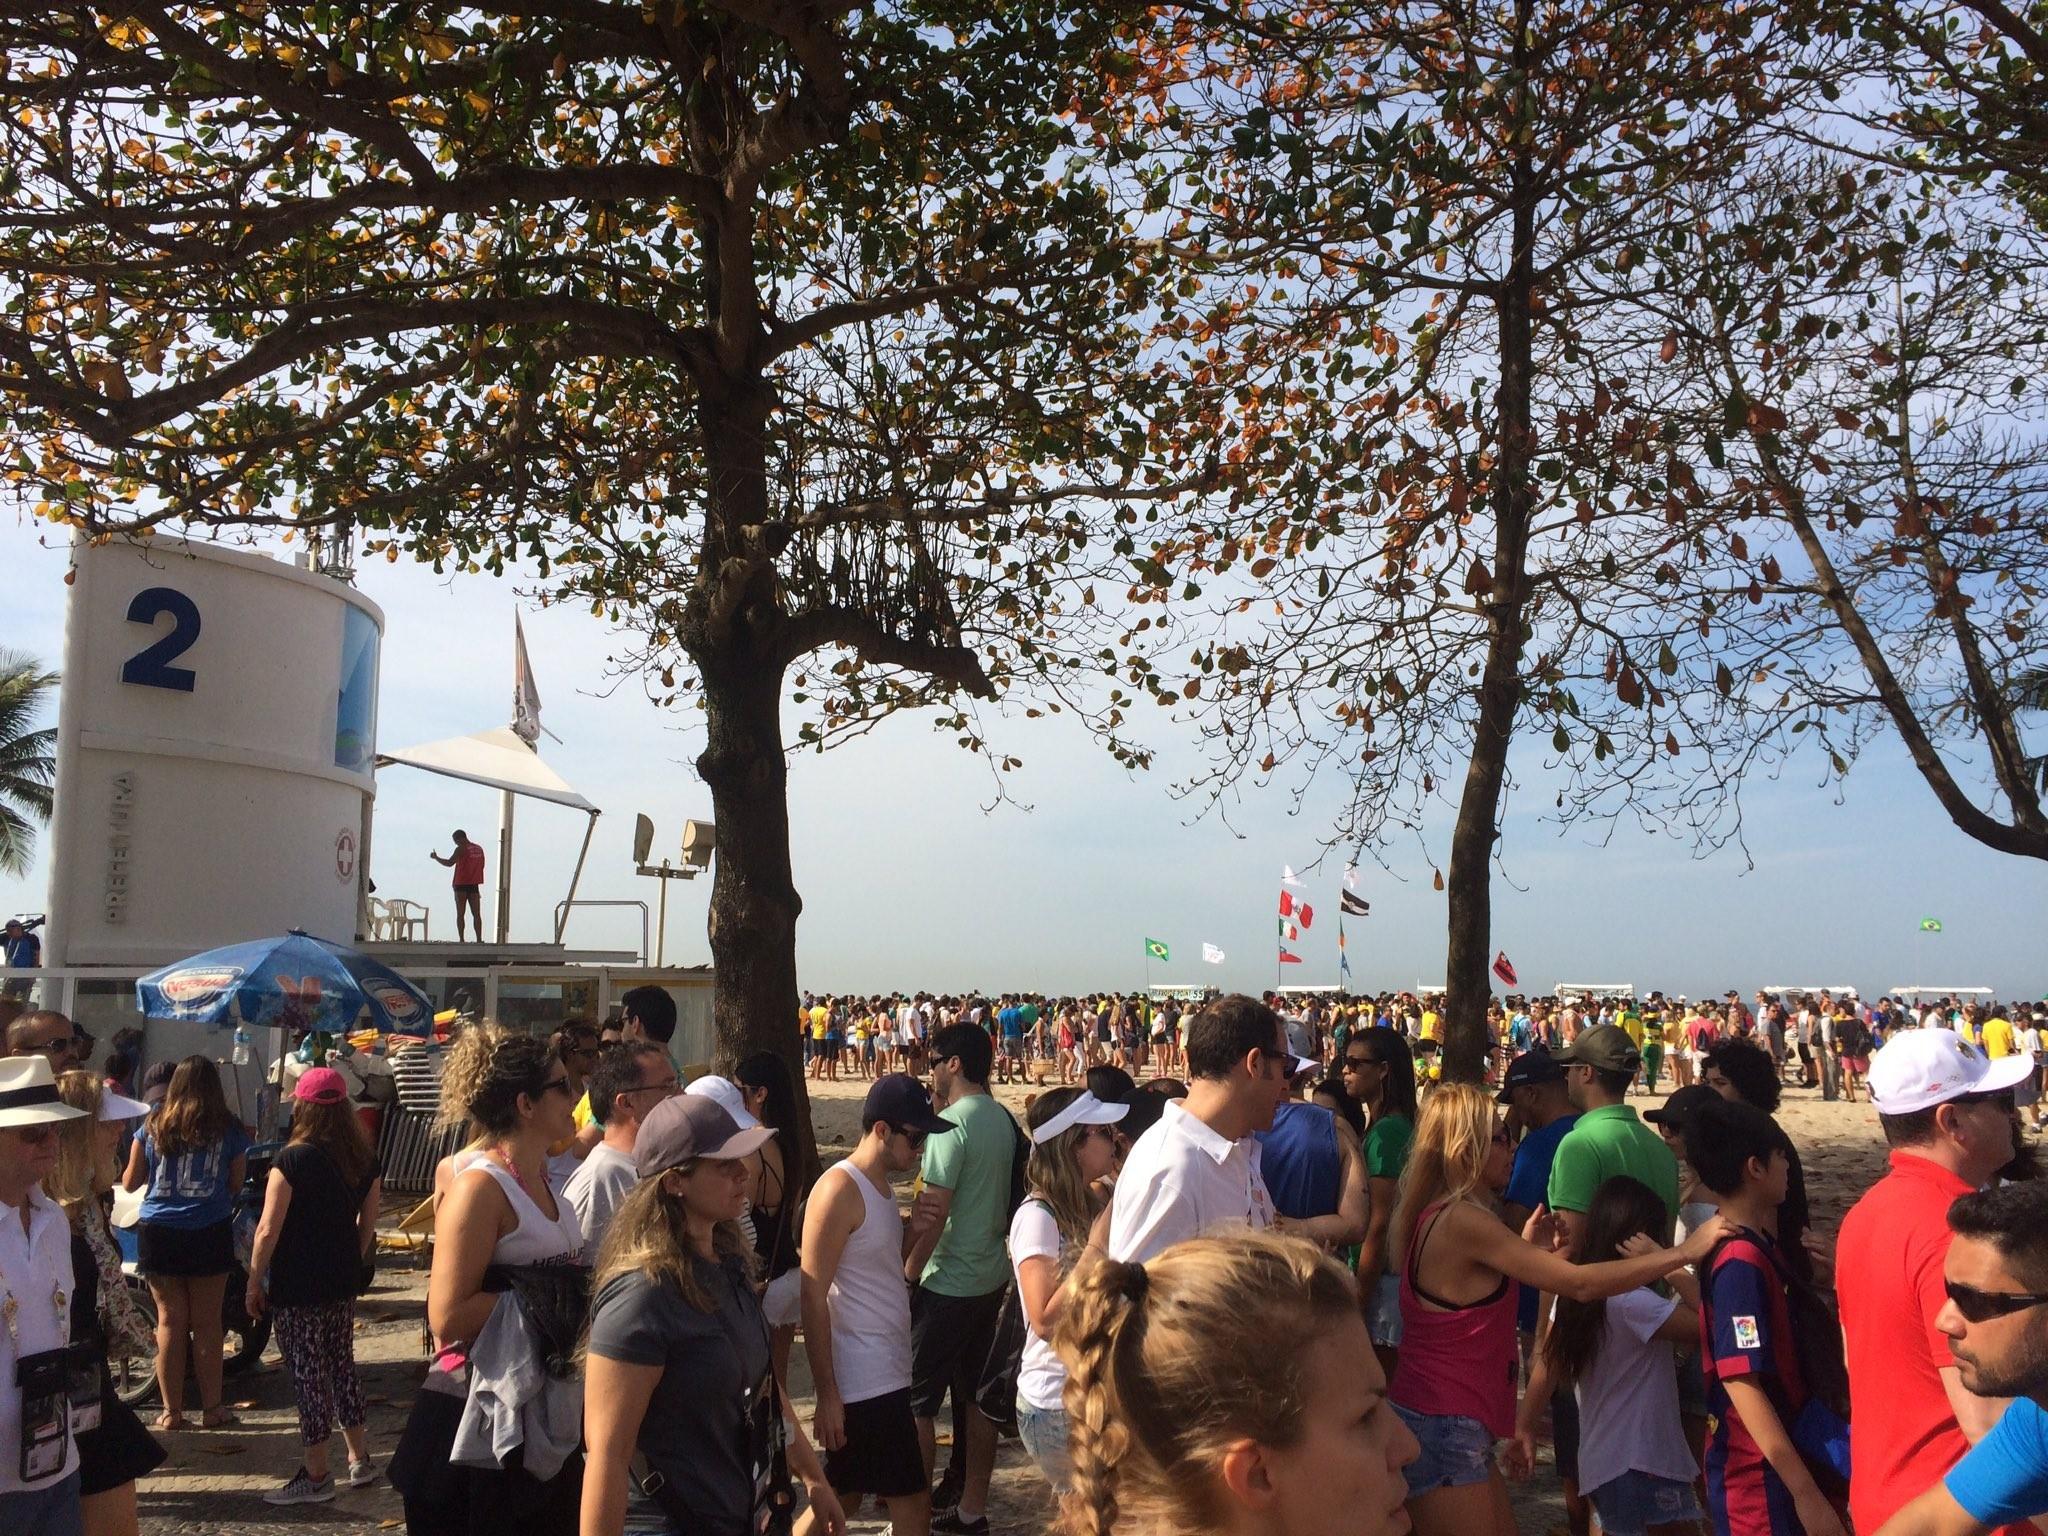 Fila era grande na arena de vôlei de praia por volta das 10h30 deste sábado  (Foto: Cristiane Caoli / G1)